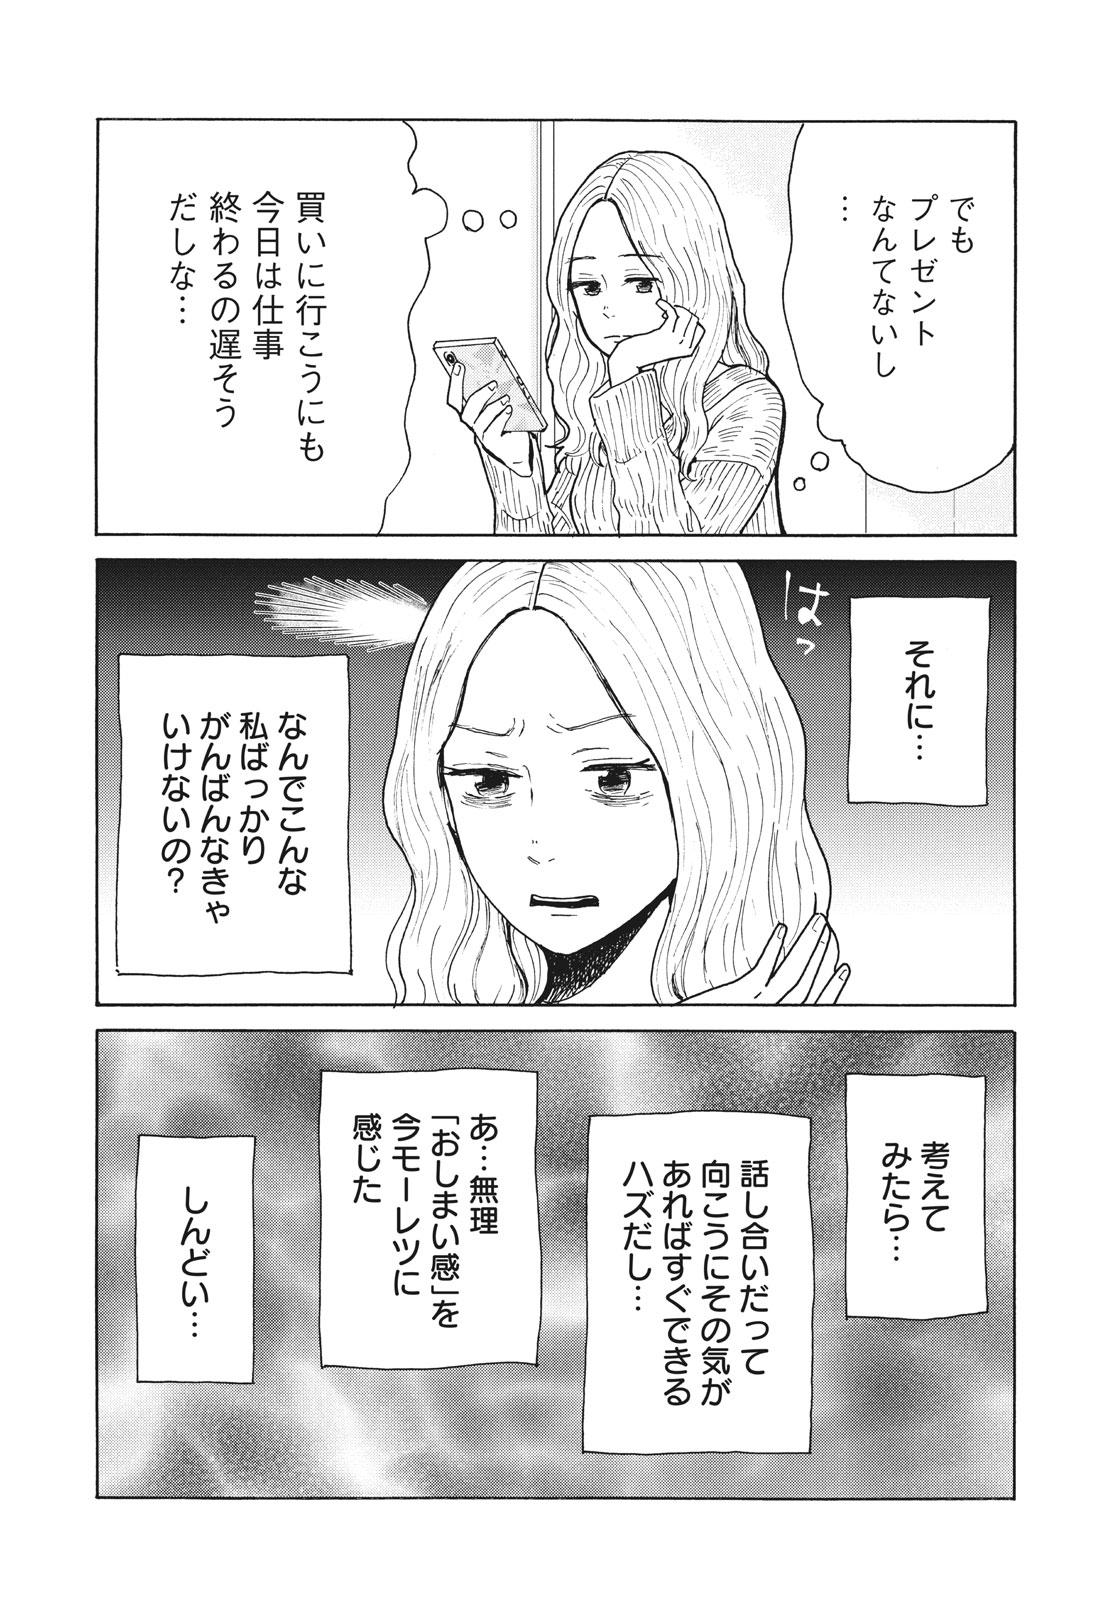 004_30日_2020_007_E.jpg